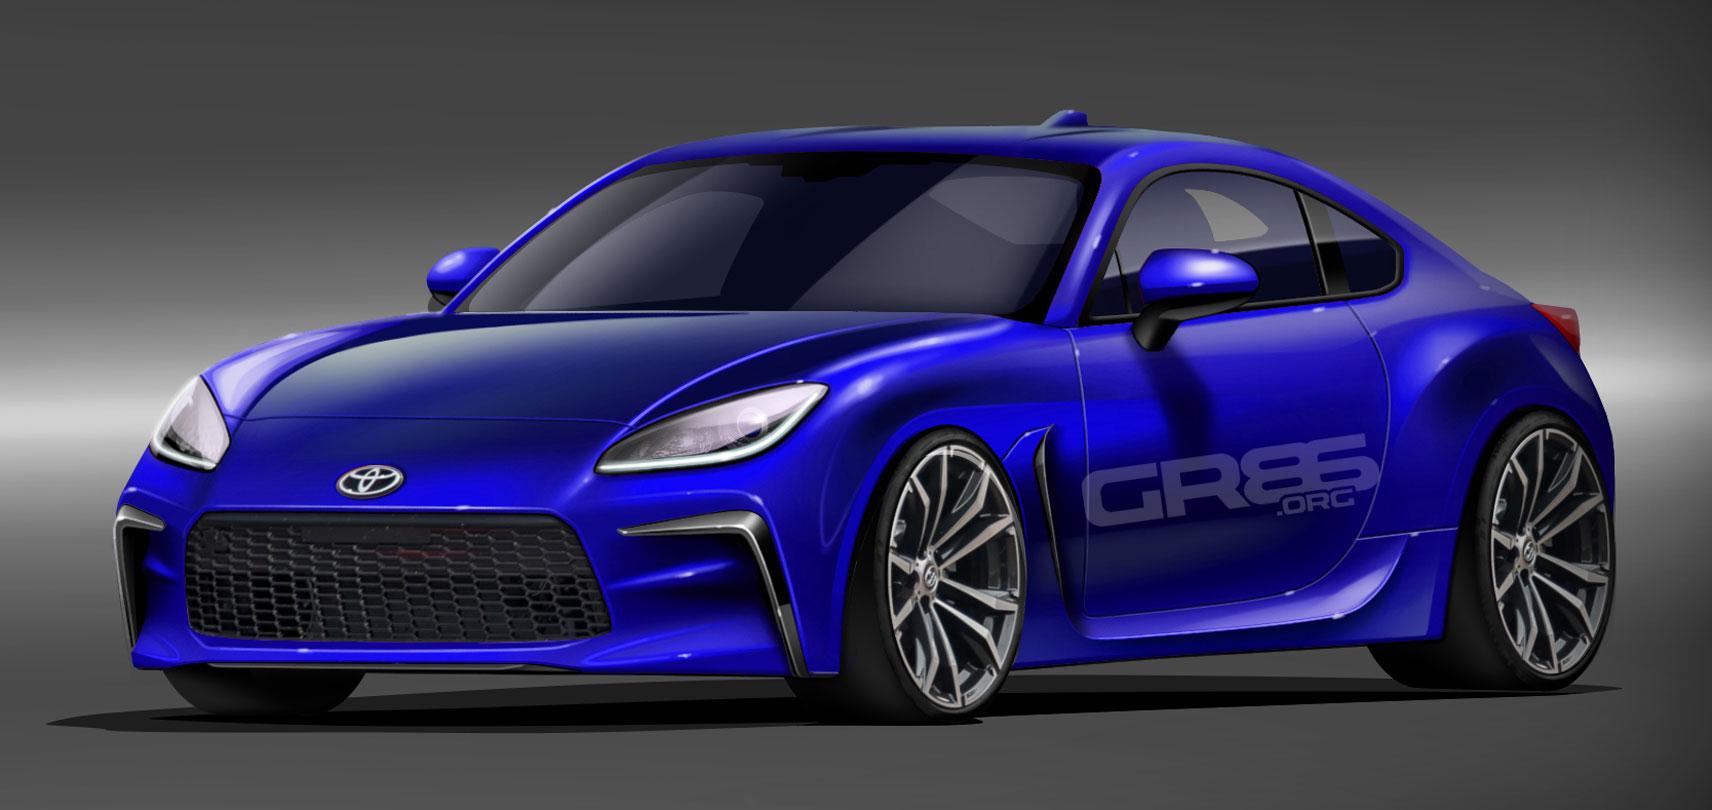 gr86-rendering-blue